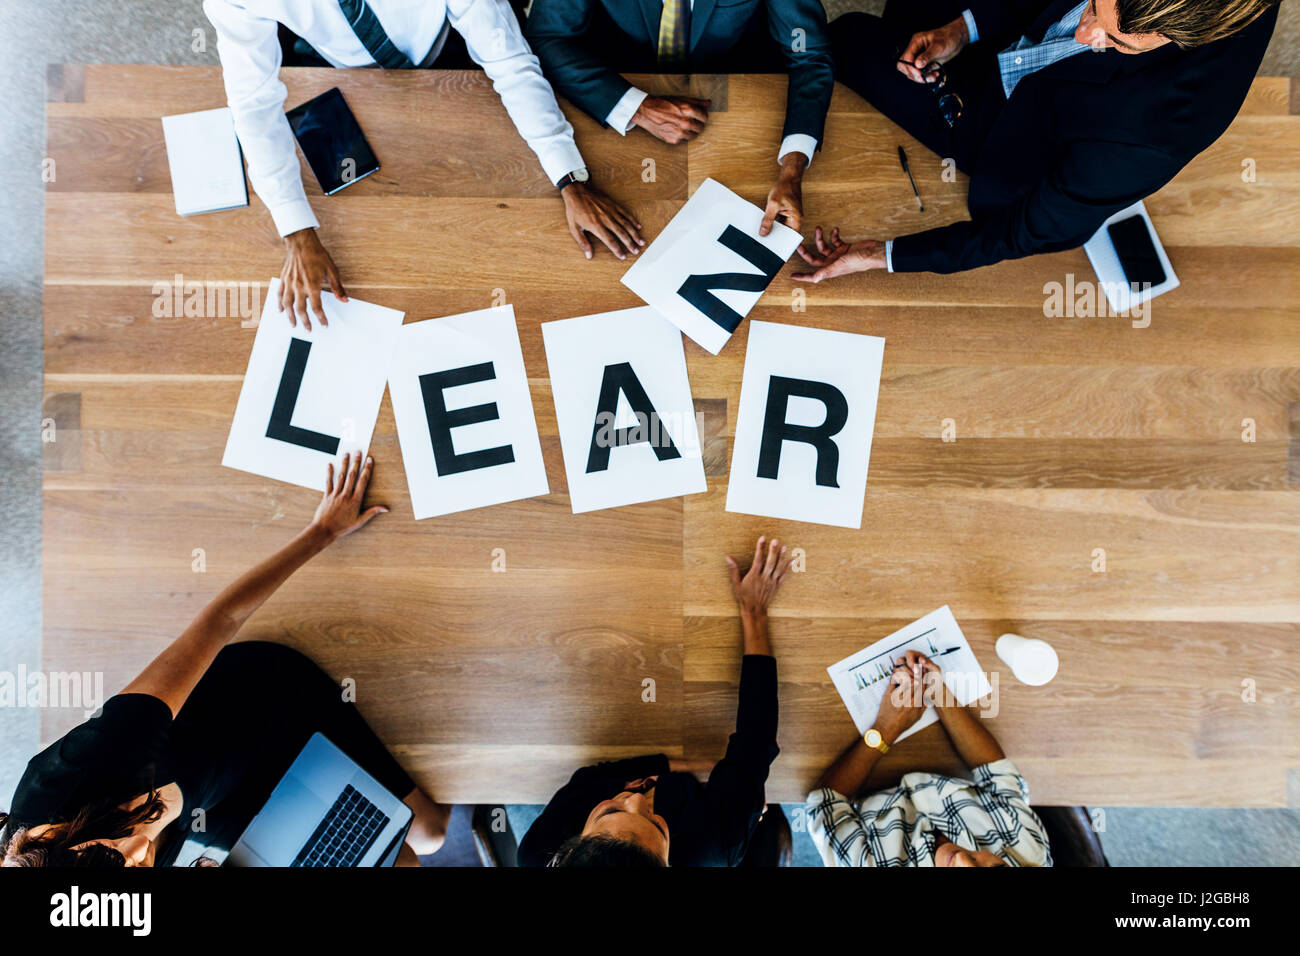 Gruppe von Menschen setzen Zeichen mit Alphabeten bilden das Wort lernen am Tisch. Geschäftsleute diskutieren Stockbild